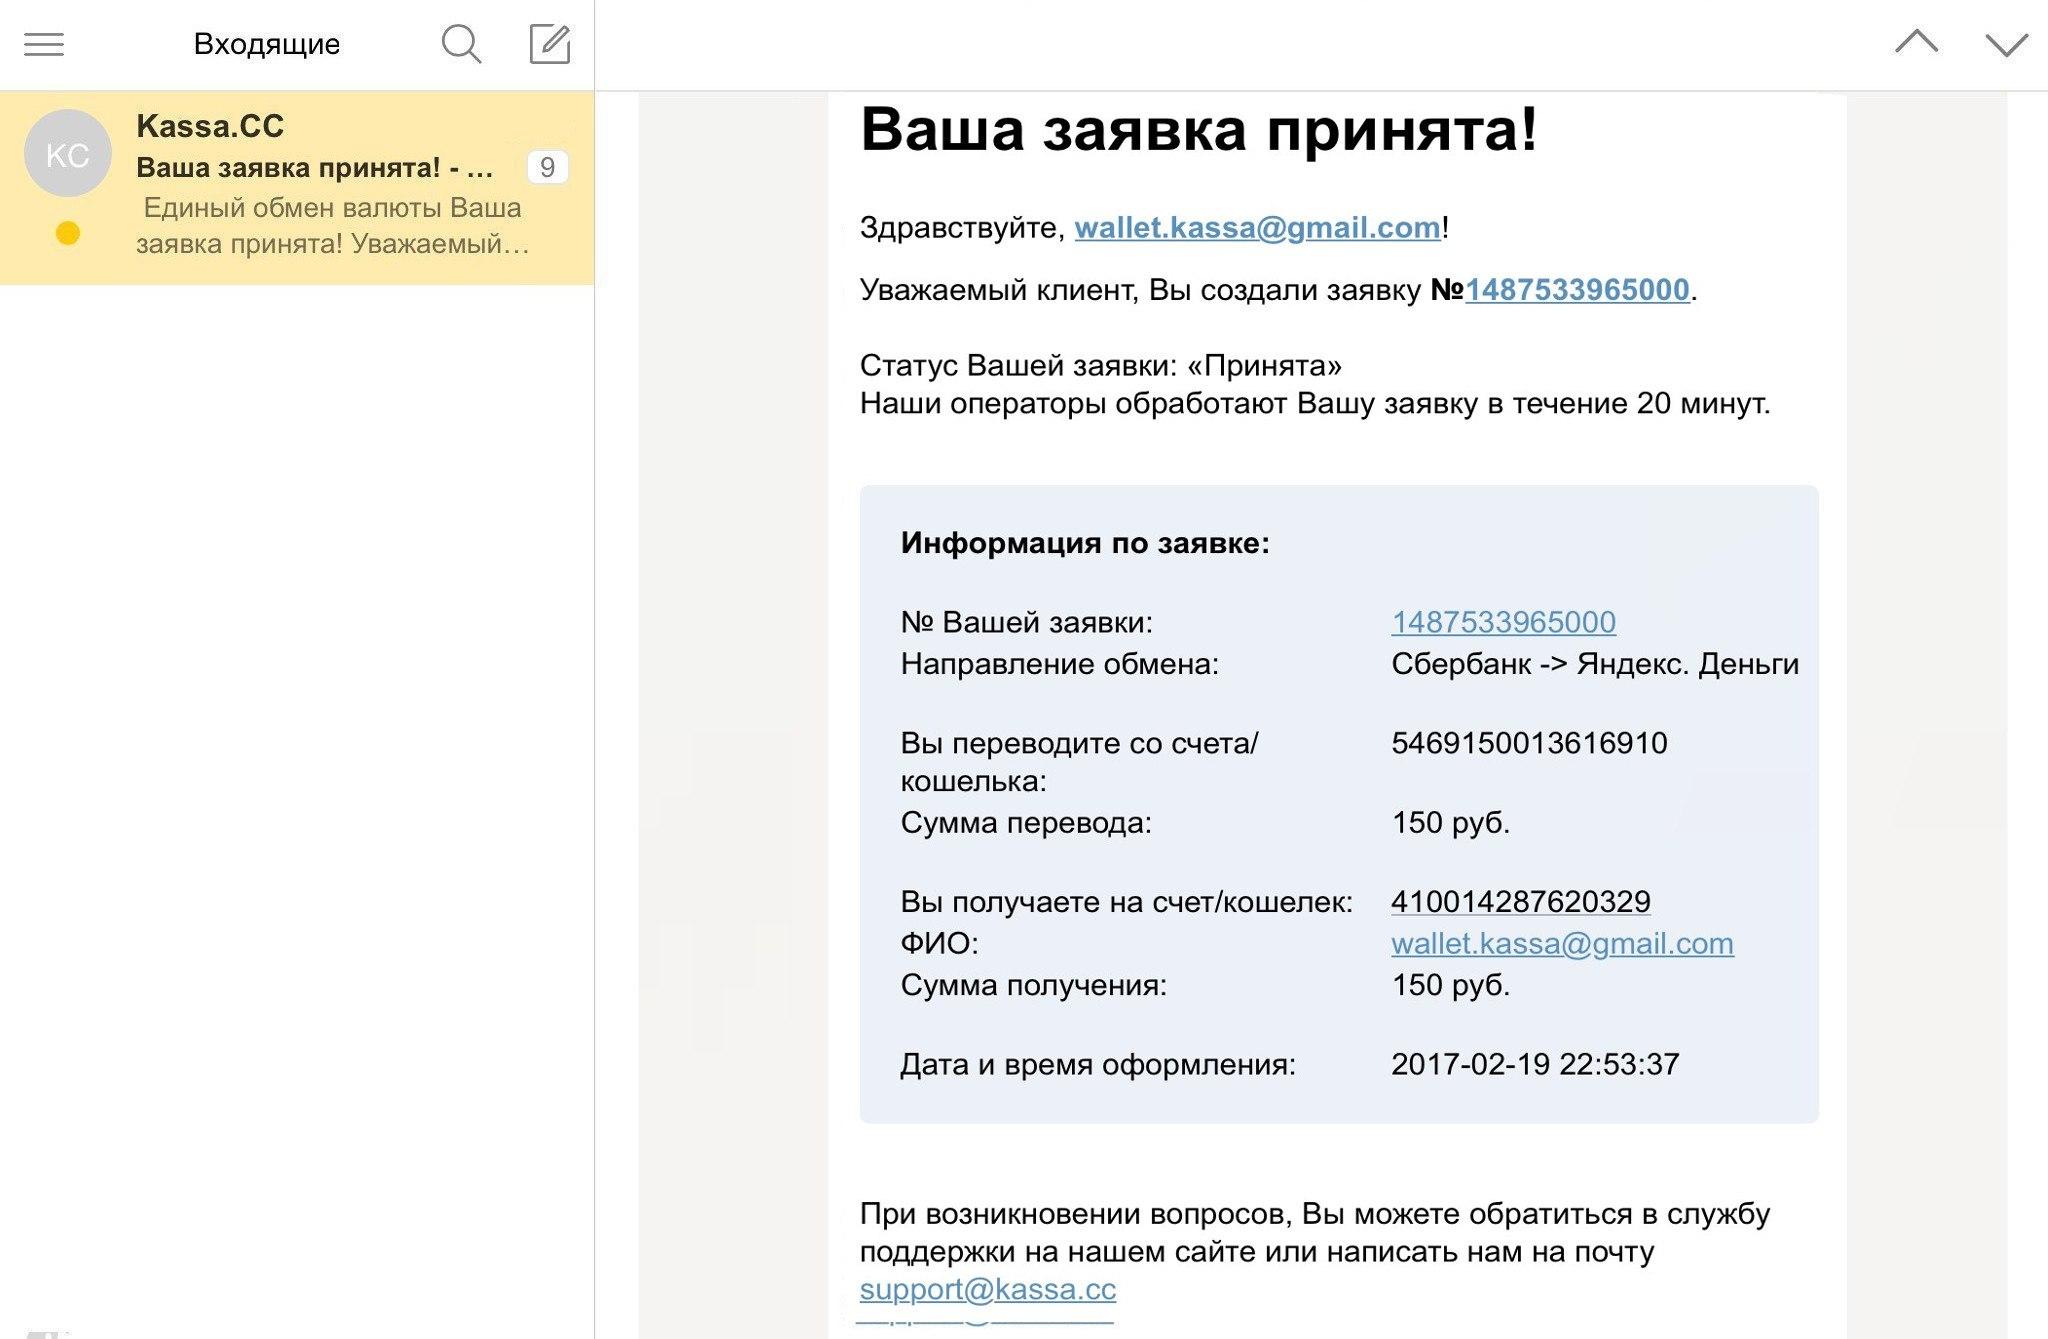 Kassa.cc - единый обмен валюты. Перевод с карты Сбербанка на Яндекс.Деньги